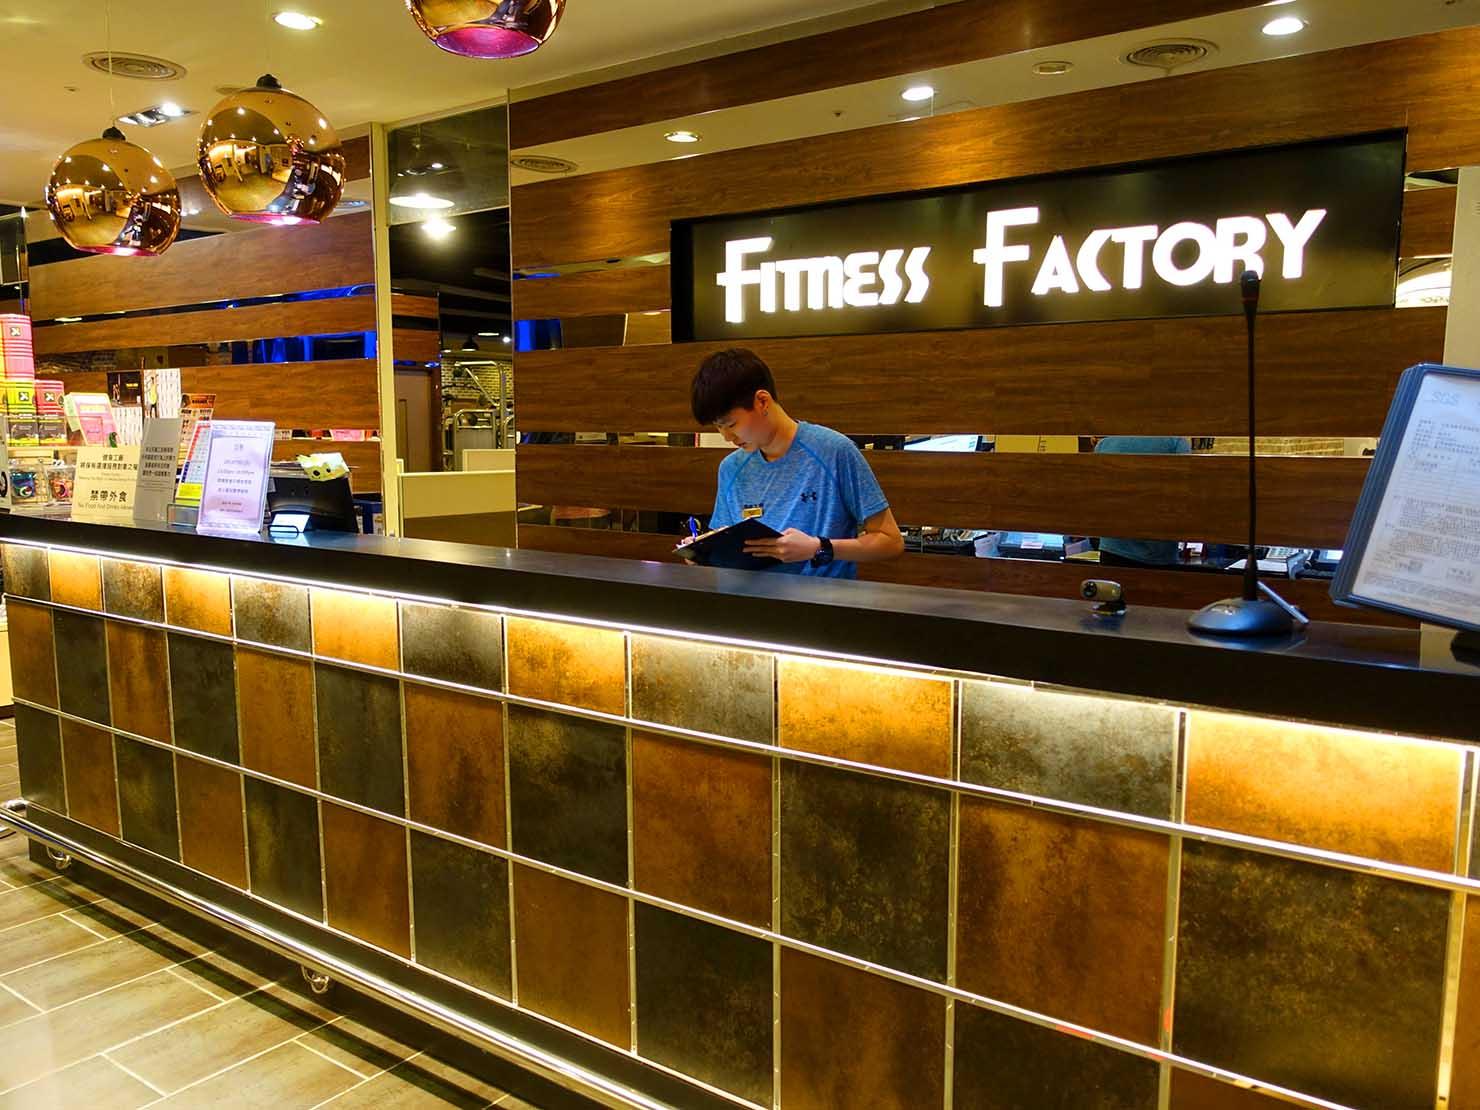 台湾のスポーツジム「健身工廠」のカウンター